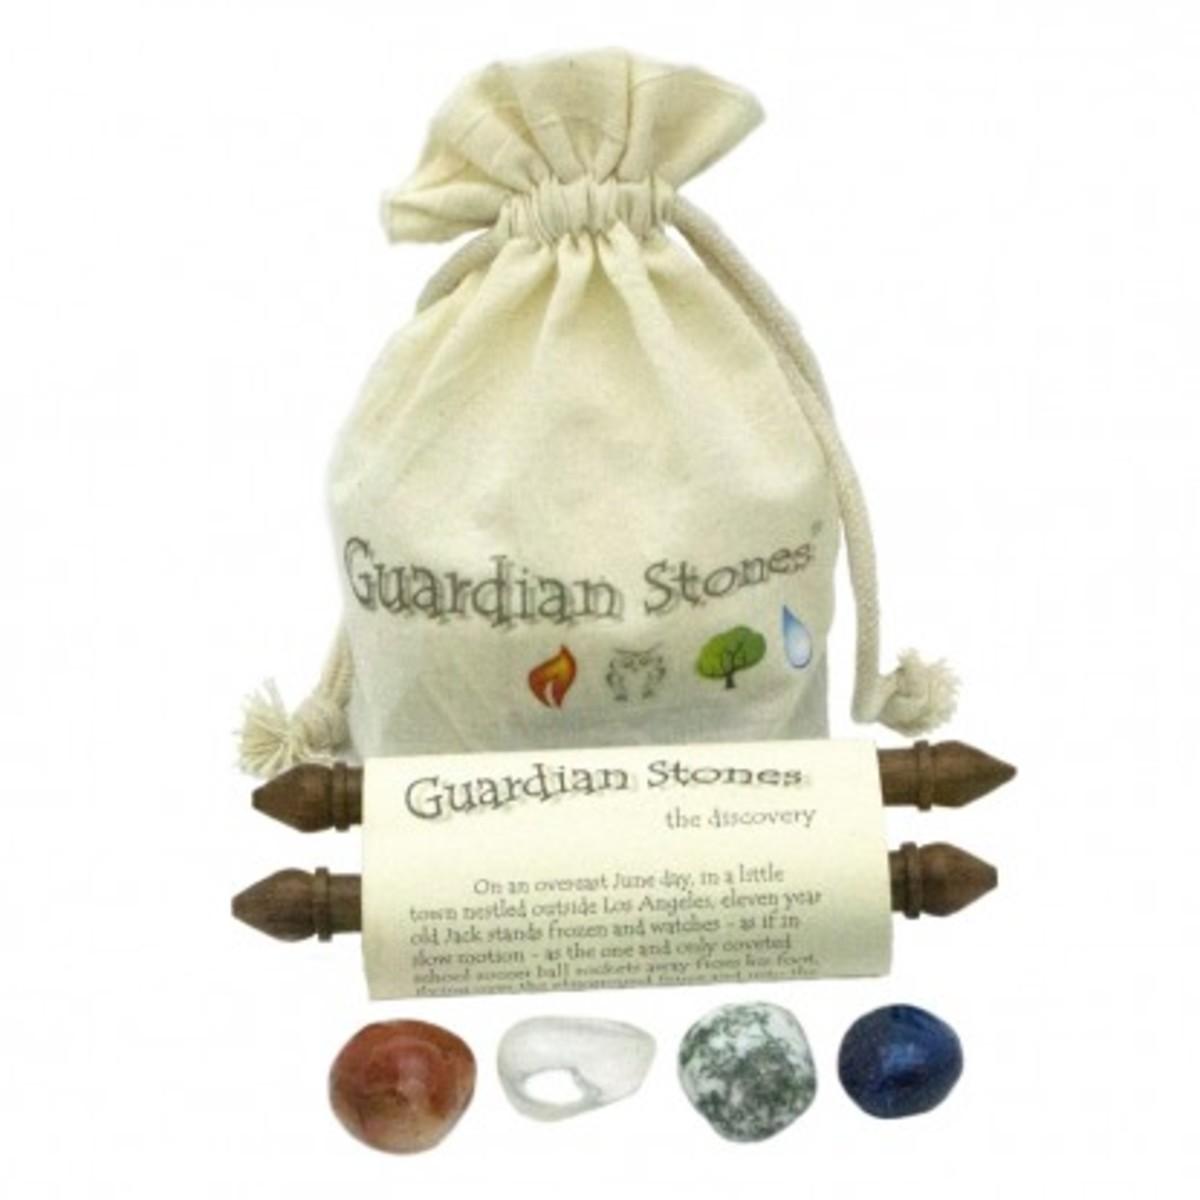 guardian_stones_primary